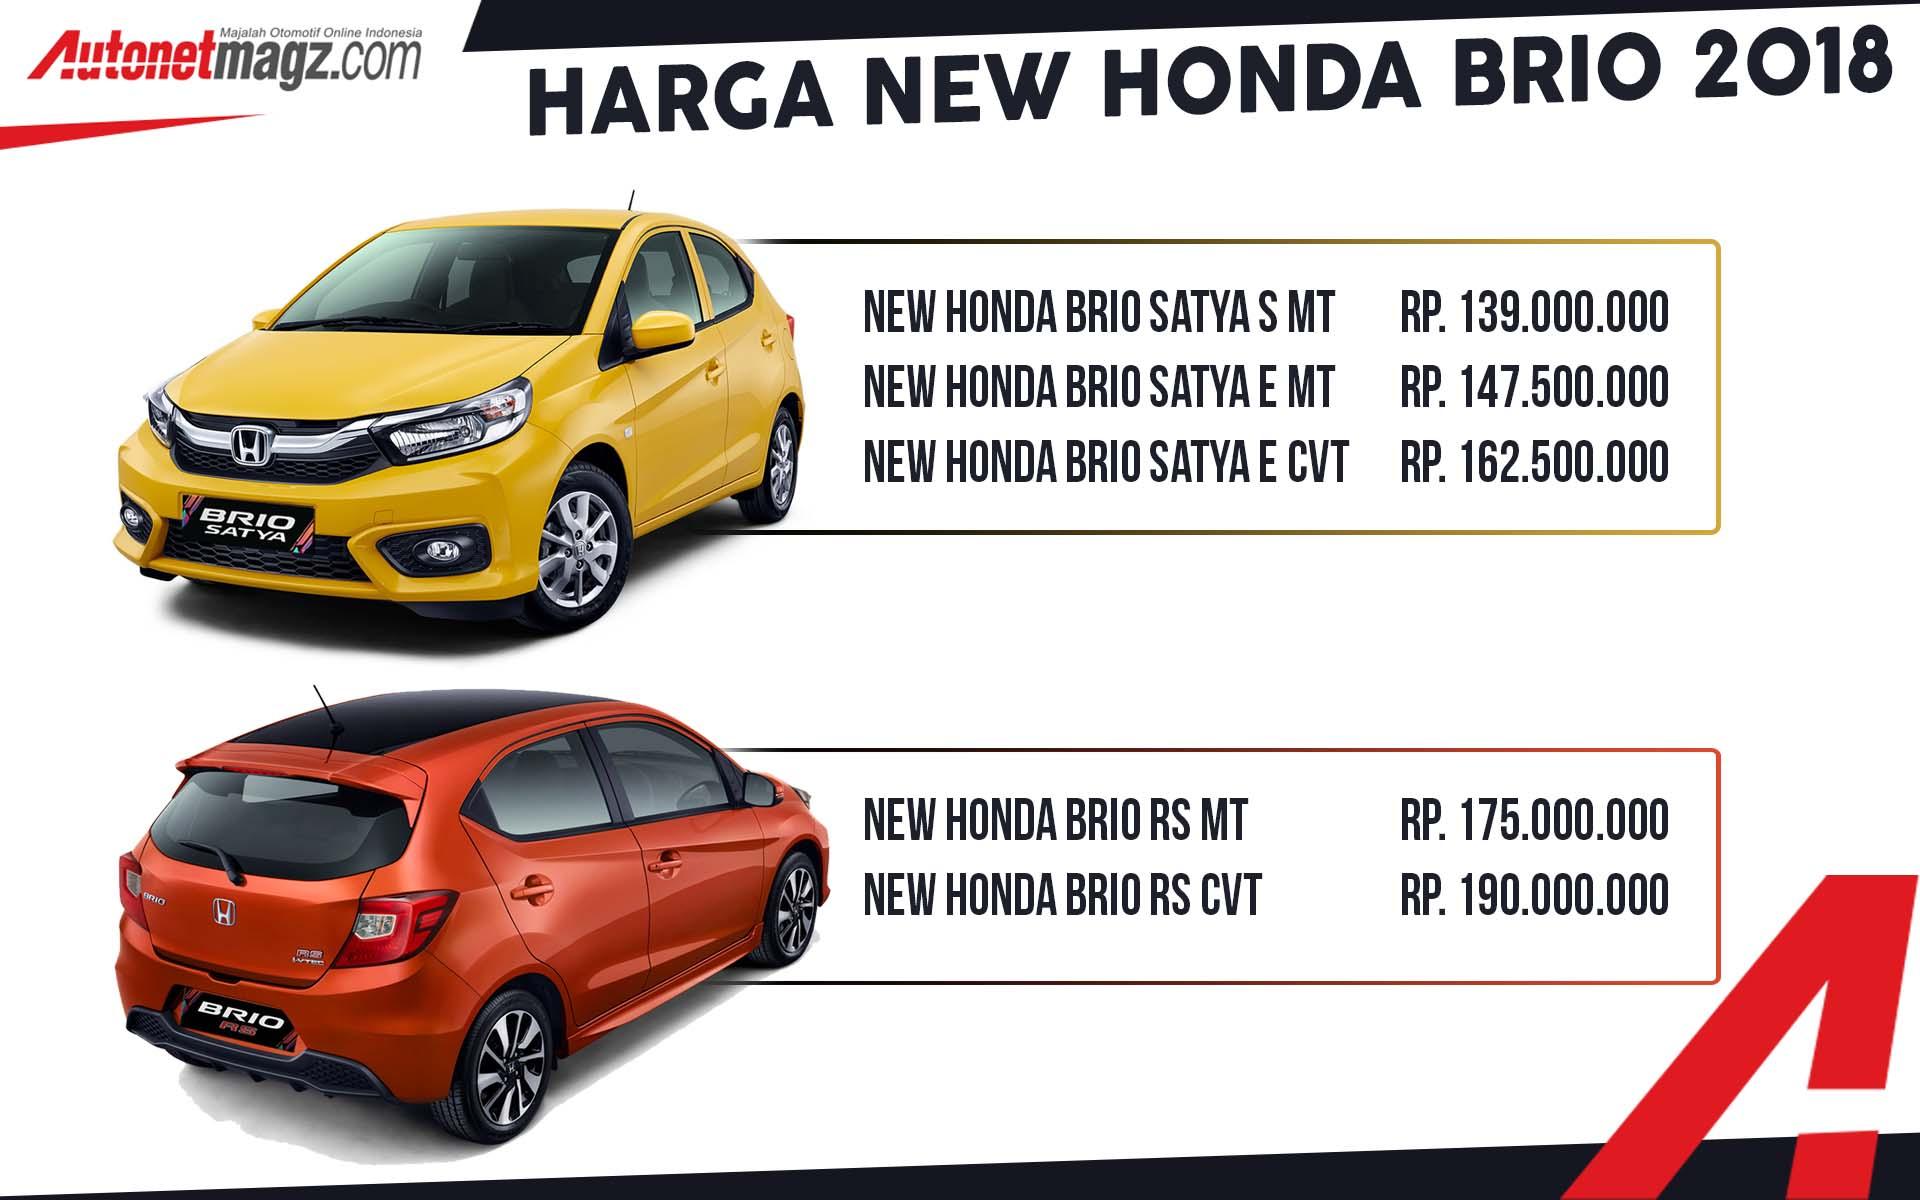 Honda brio 2018 bisa jadi pilihan city car bekas tahun muda rp 100 jutaan untuk tipe e facelift manual dan 1.2 s matik facelift. harga brio | AutonetMagz :: Review Mobil dan Motor Baru Indonesia